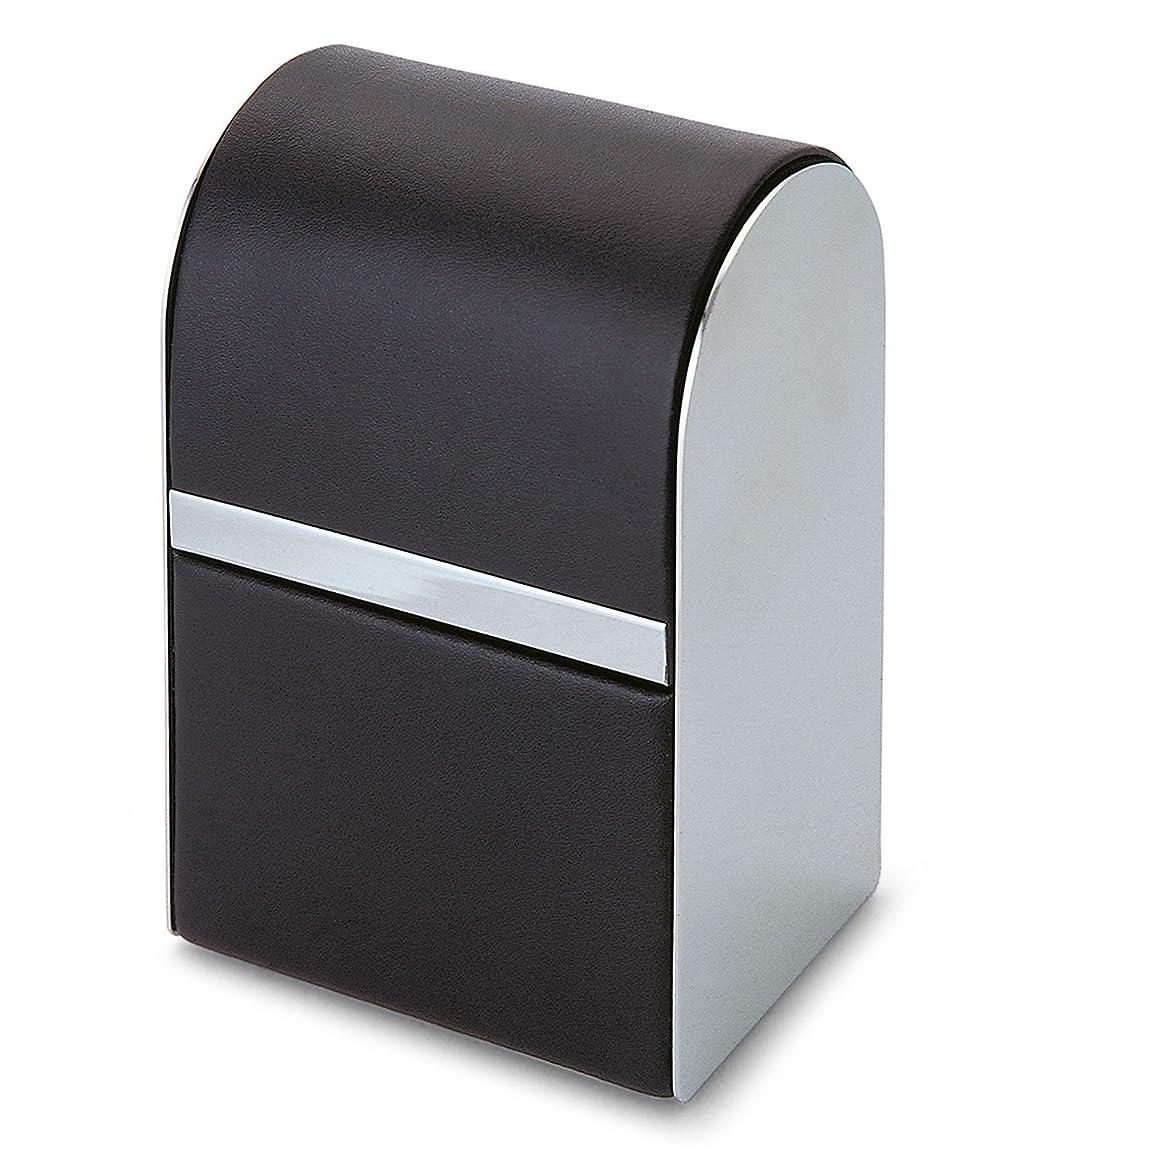 想像するオフセットPhilippi Giorgio メンズ身だしなみキット 7pcsセット leather stainless polished